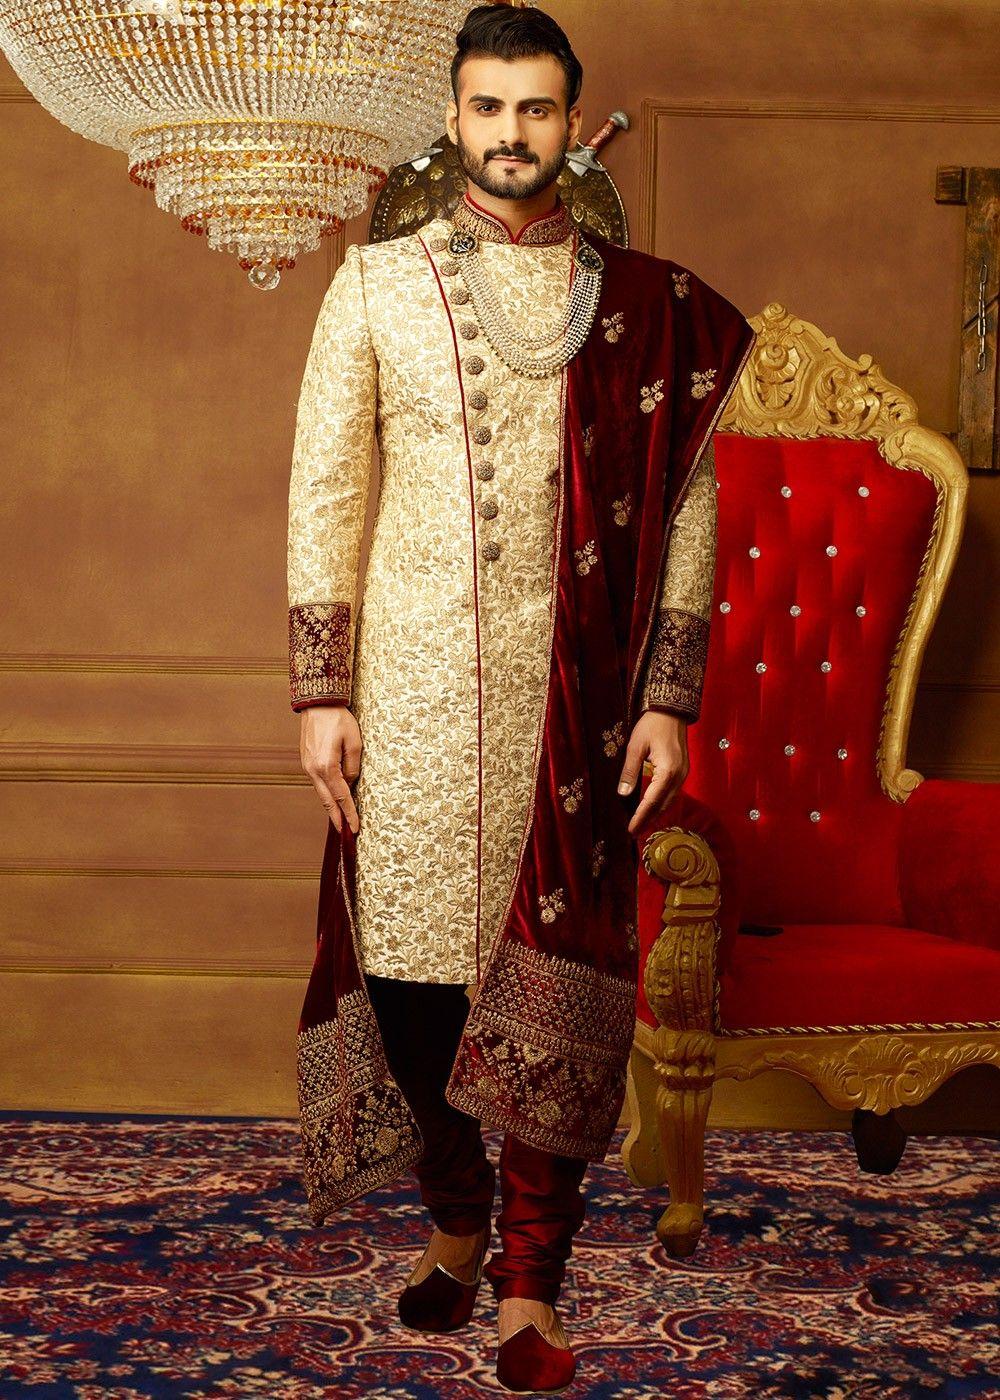 Cream Art Banarasi Silk Embroidered Sherwani With Images Sherwani Groom Wedding Sherwani